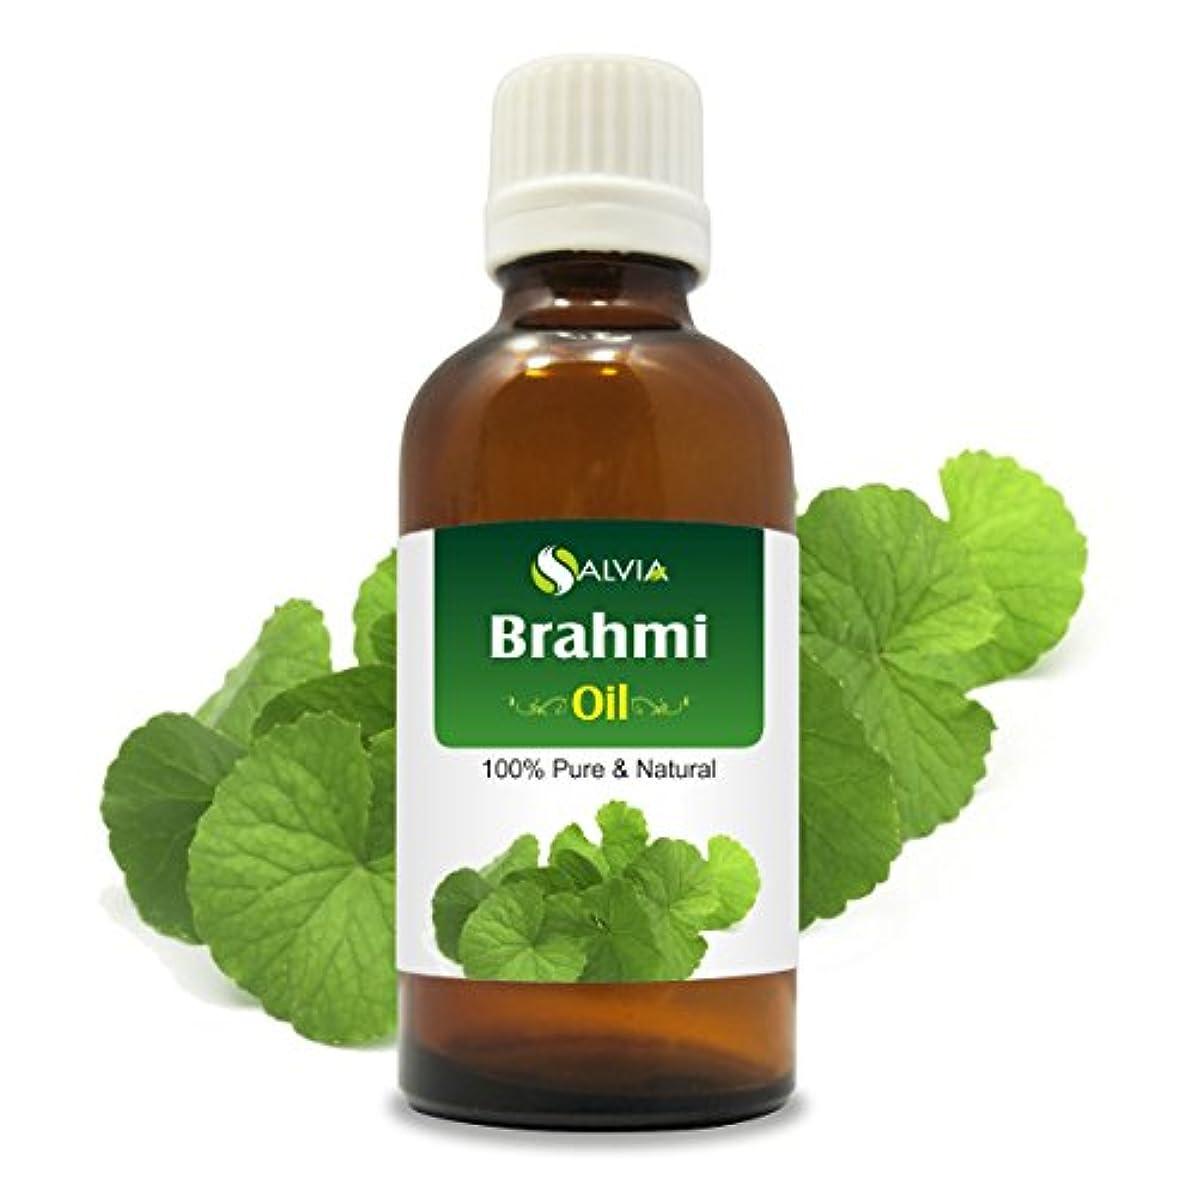 遺産特徴づけるを除くBRAHMI OIL 100% NATURAL PURE UNDILUTED UNCUT OIL 30ML